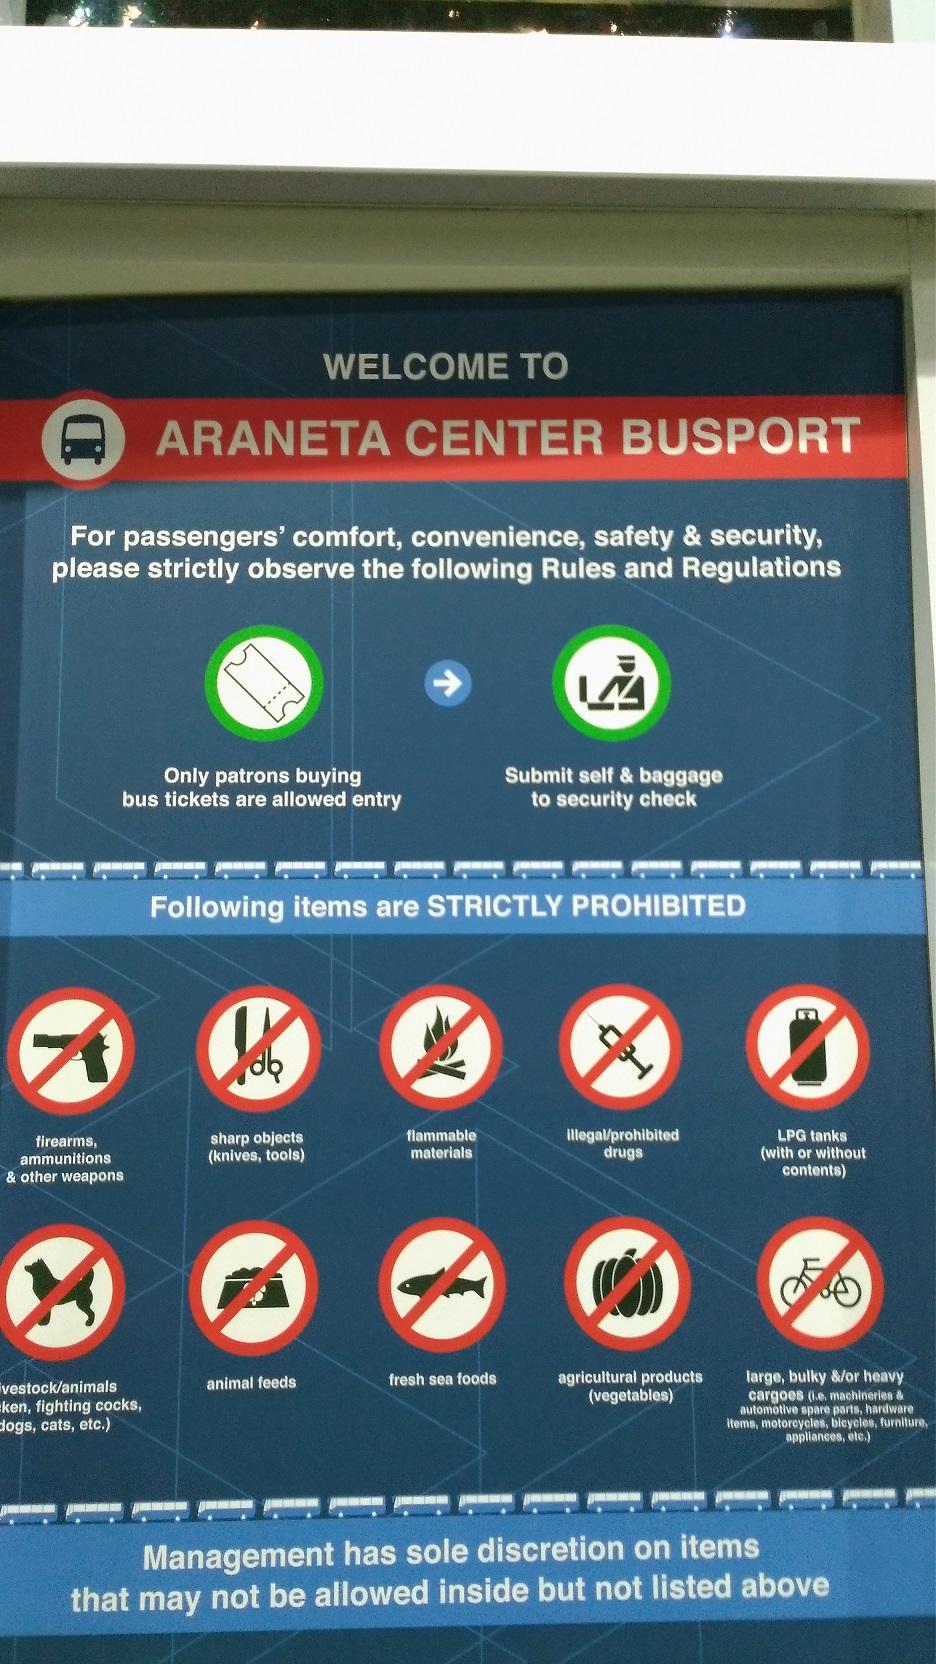 araneta center bus port (27)